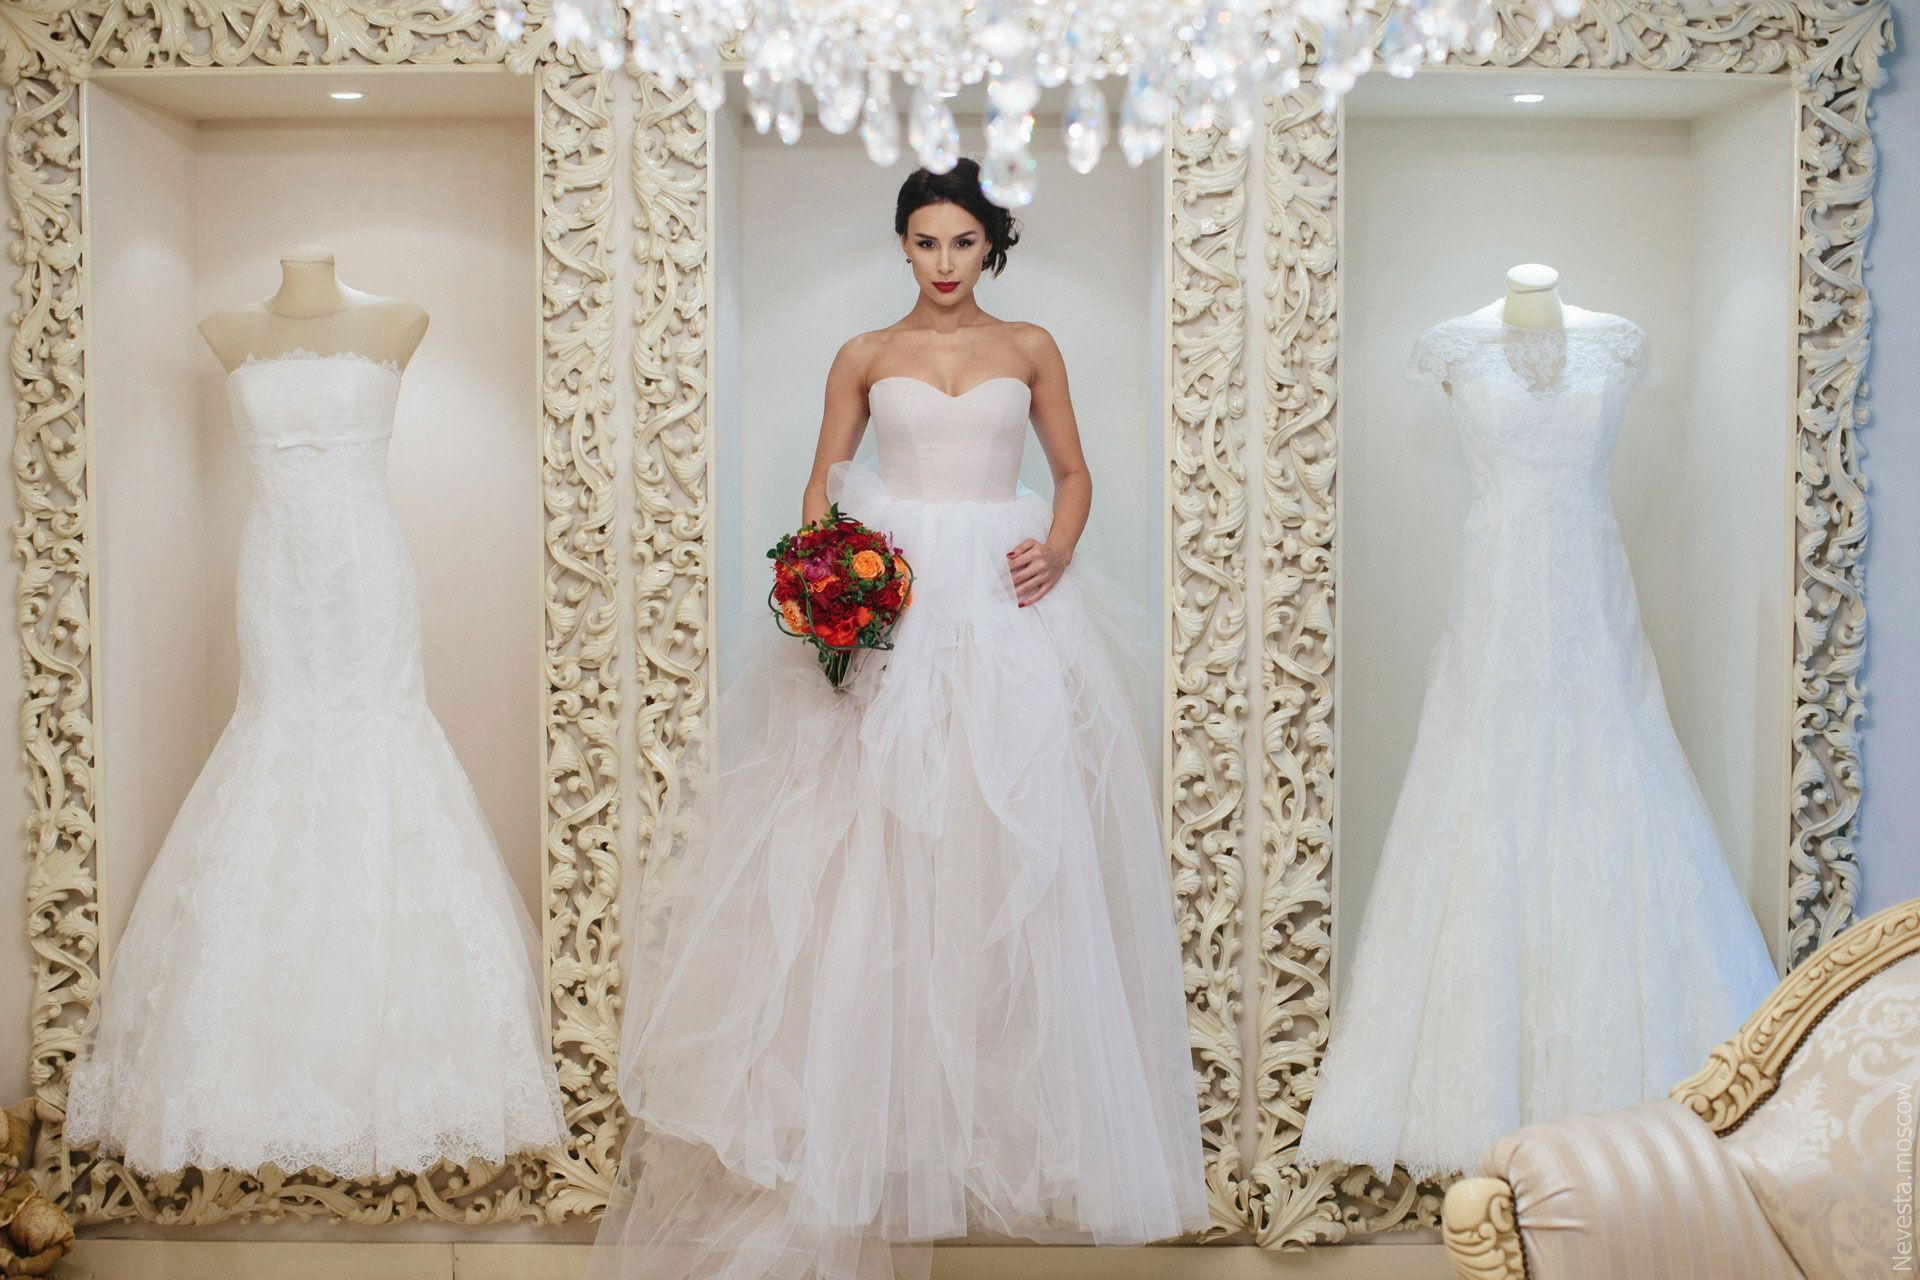 «Королева России» Диана Пегас примеряет образ для испанской свадьбы, фото 25